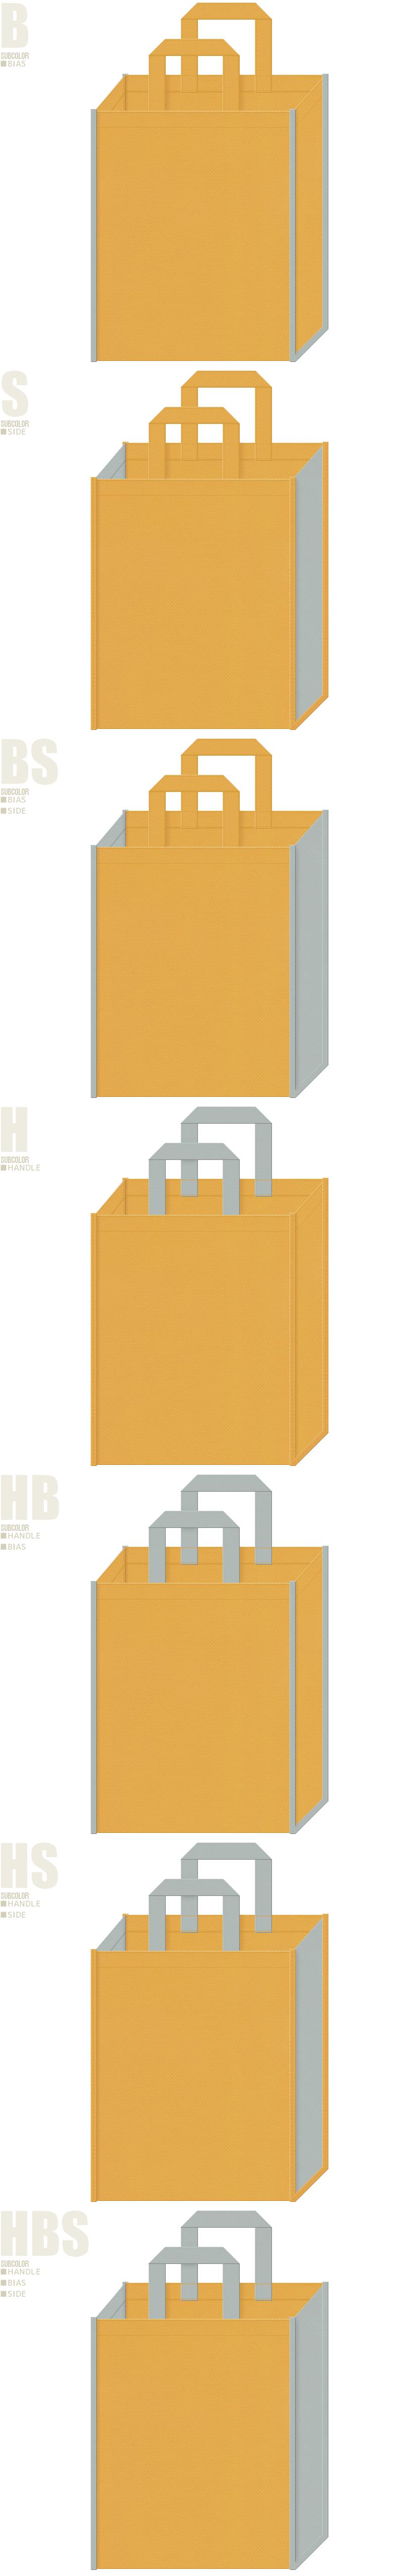 黄土色とグレー色、7パターンの不織布トートバッグ配色デザイン例。